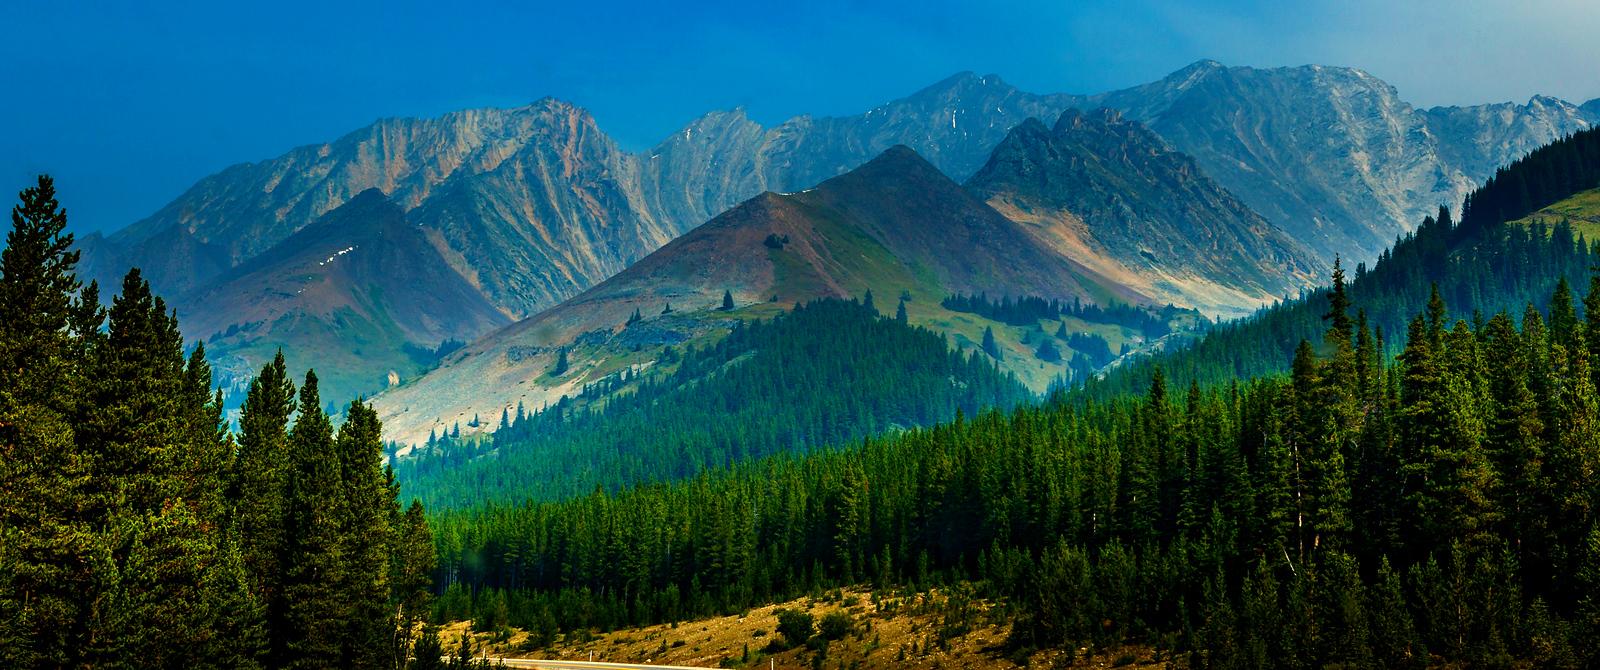 加拿大洛基山,迎面的大山